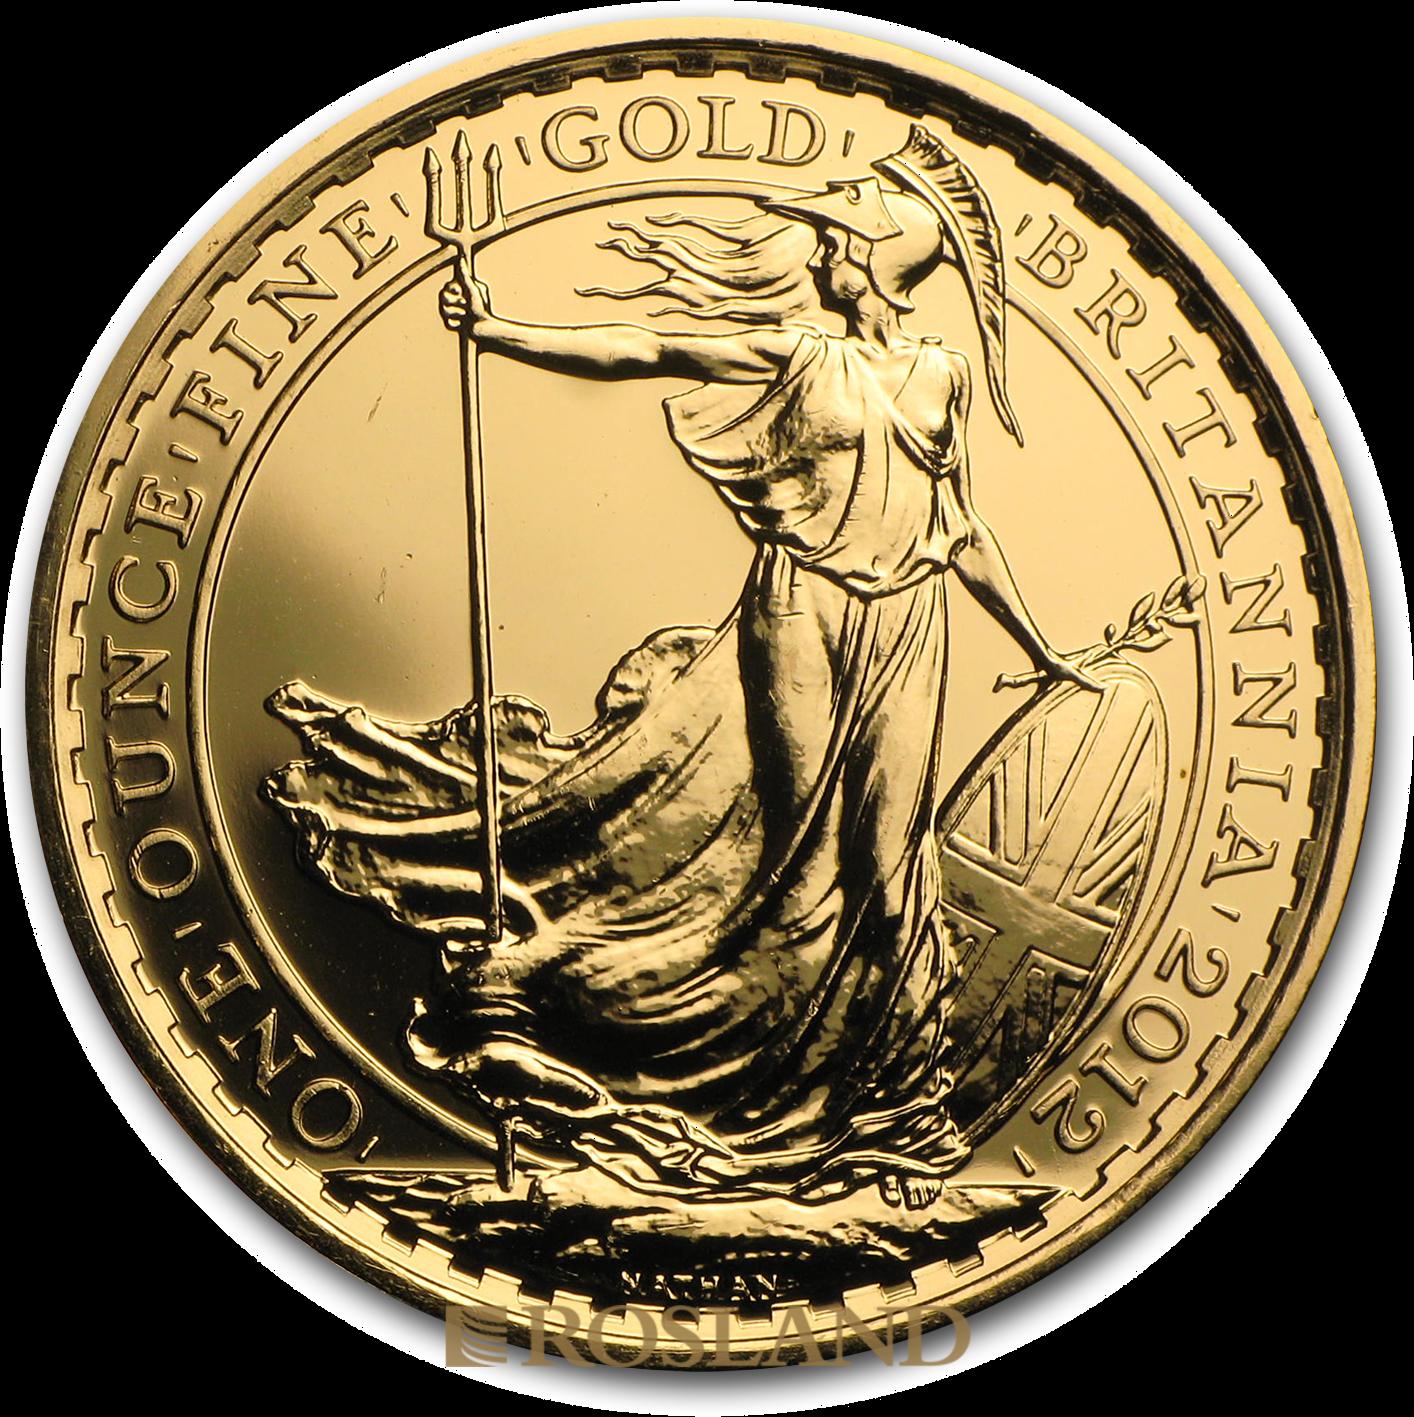 1 Unze Goldmünze Britannia 2012 - 25 Jahre Jubiläum